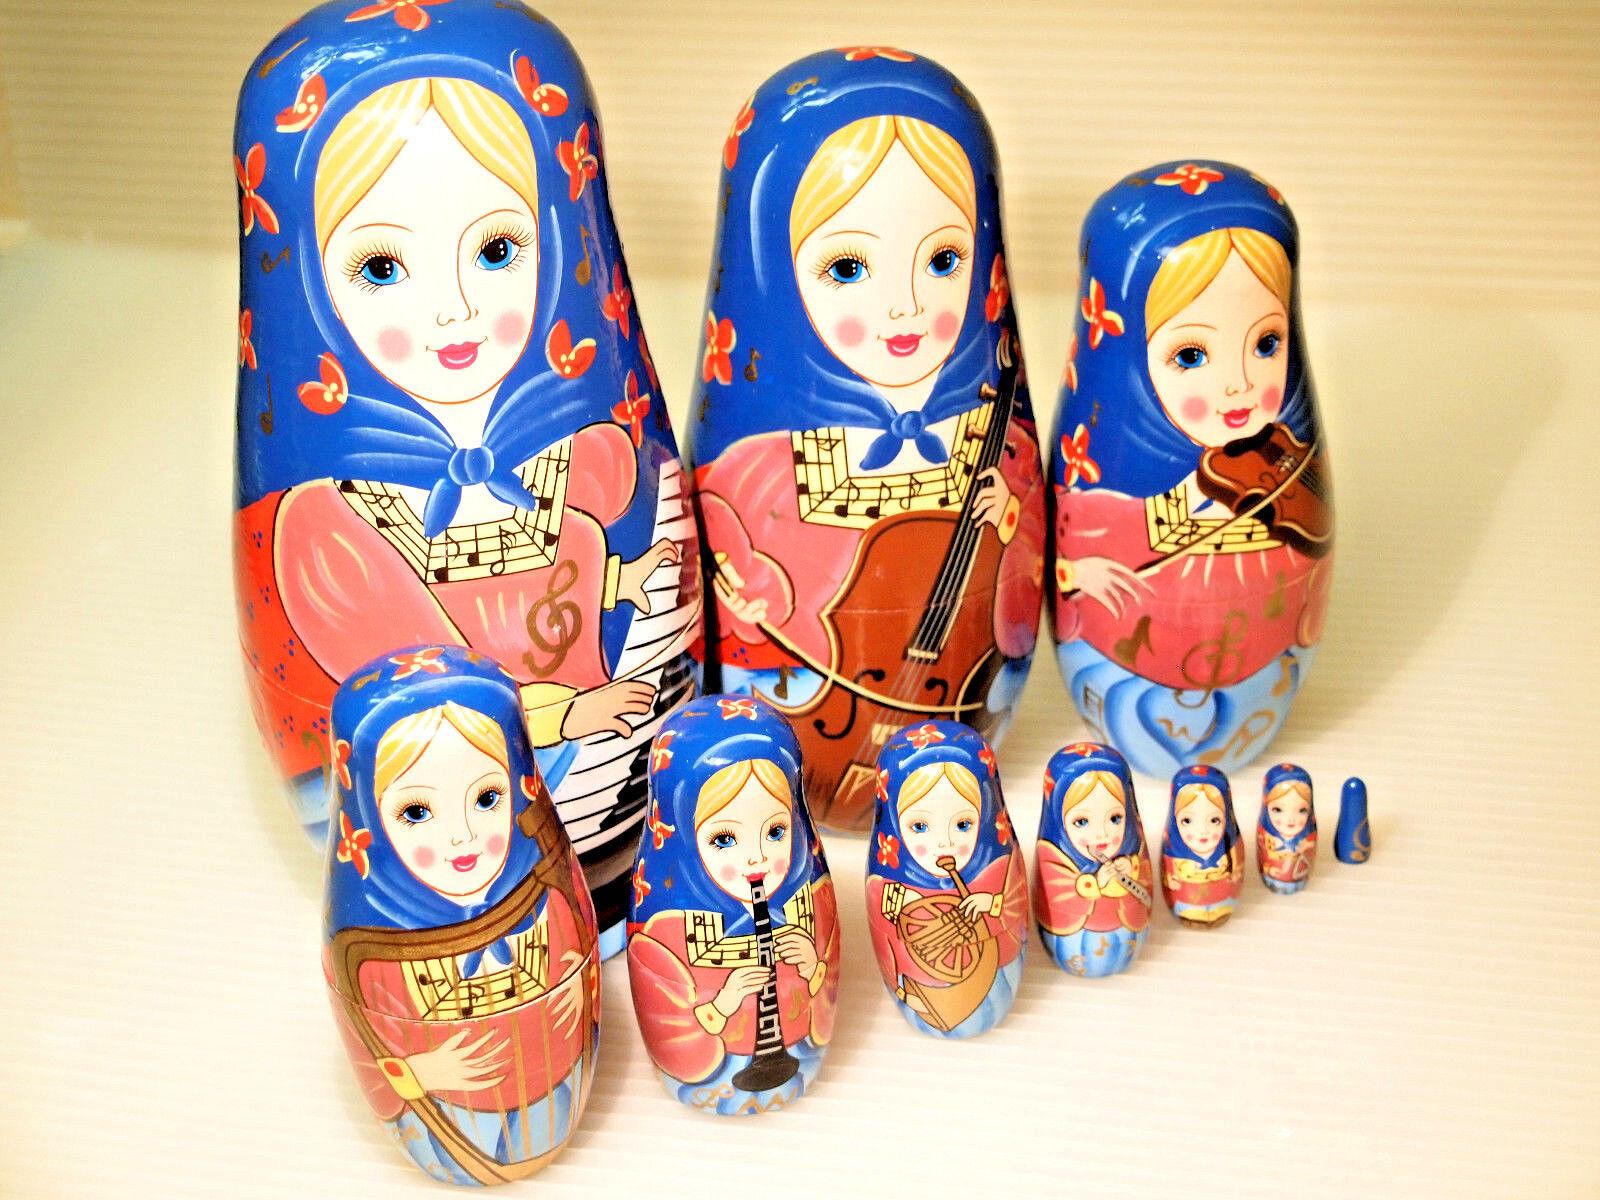 Orquesta Muñecas anidación Juego de 10 Muñecas musiciants Matryoshka